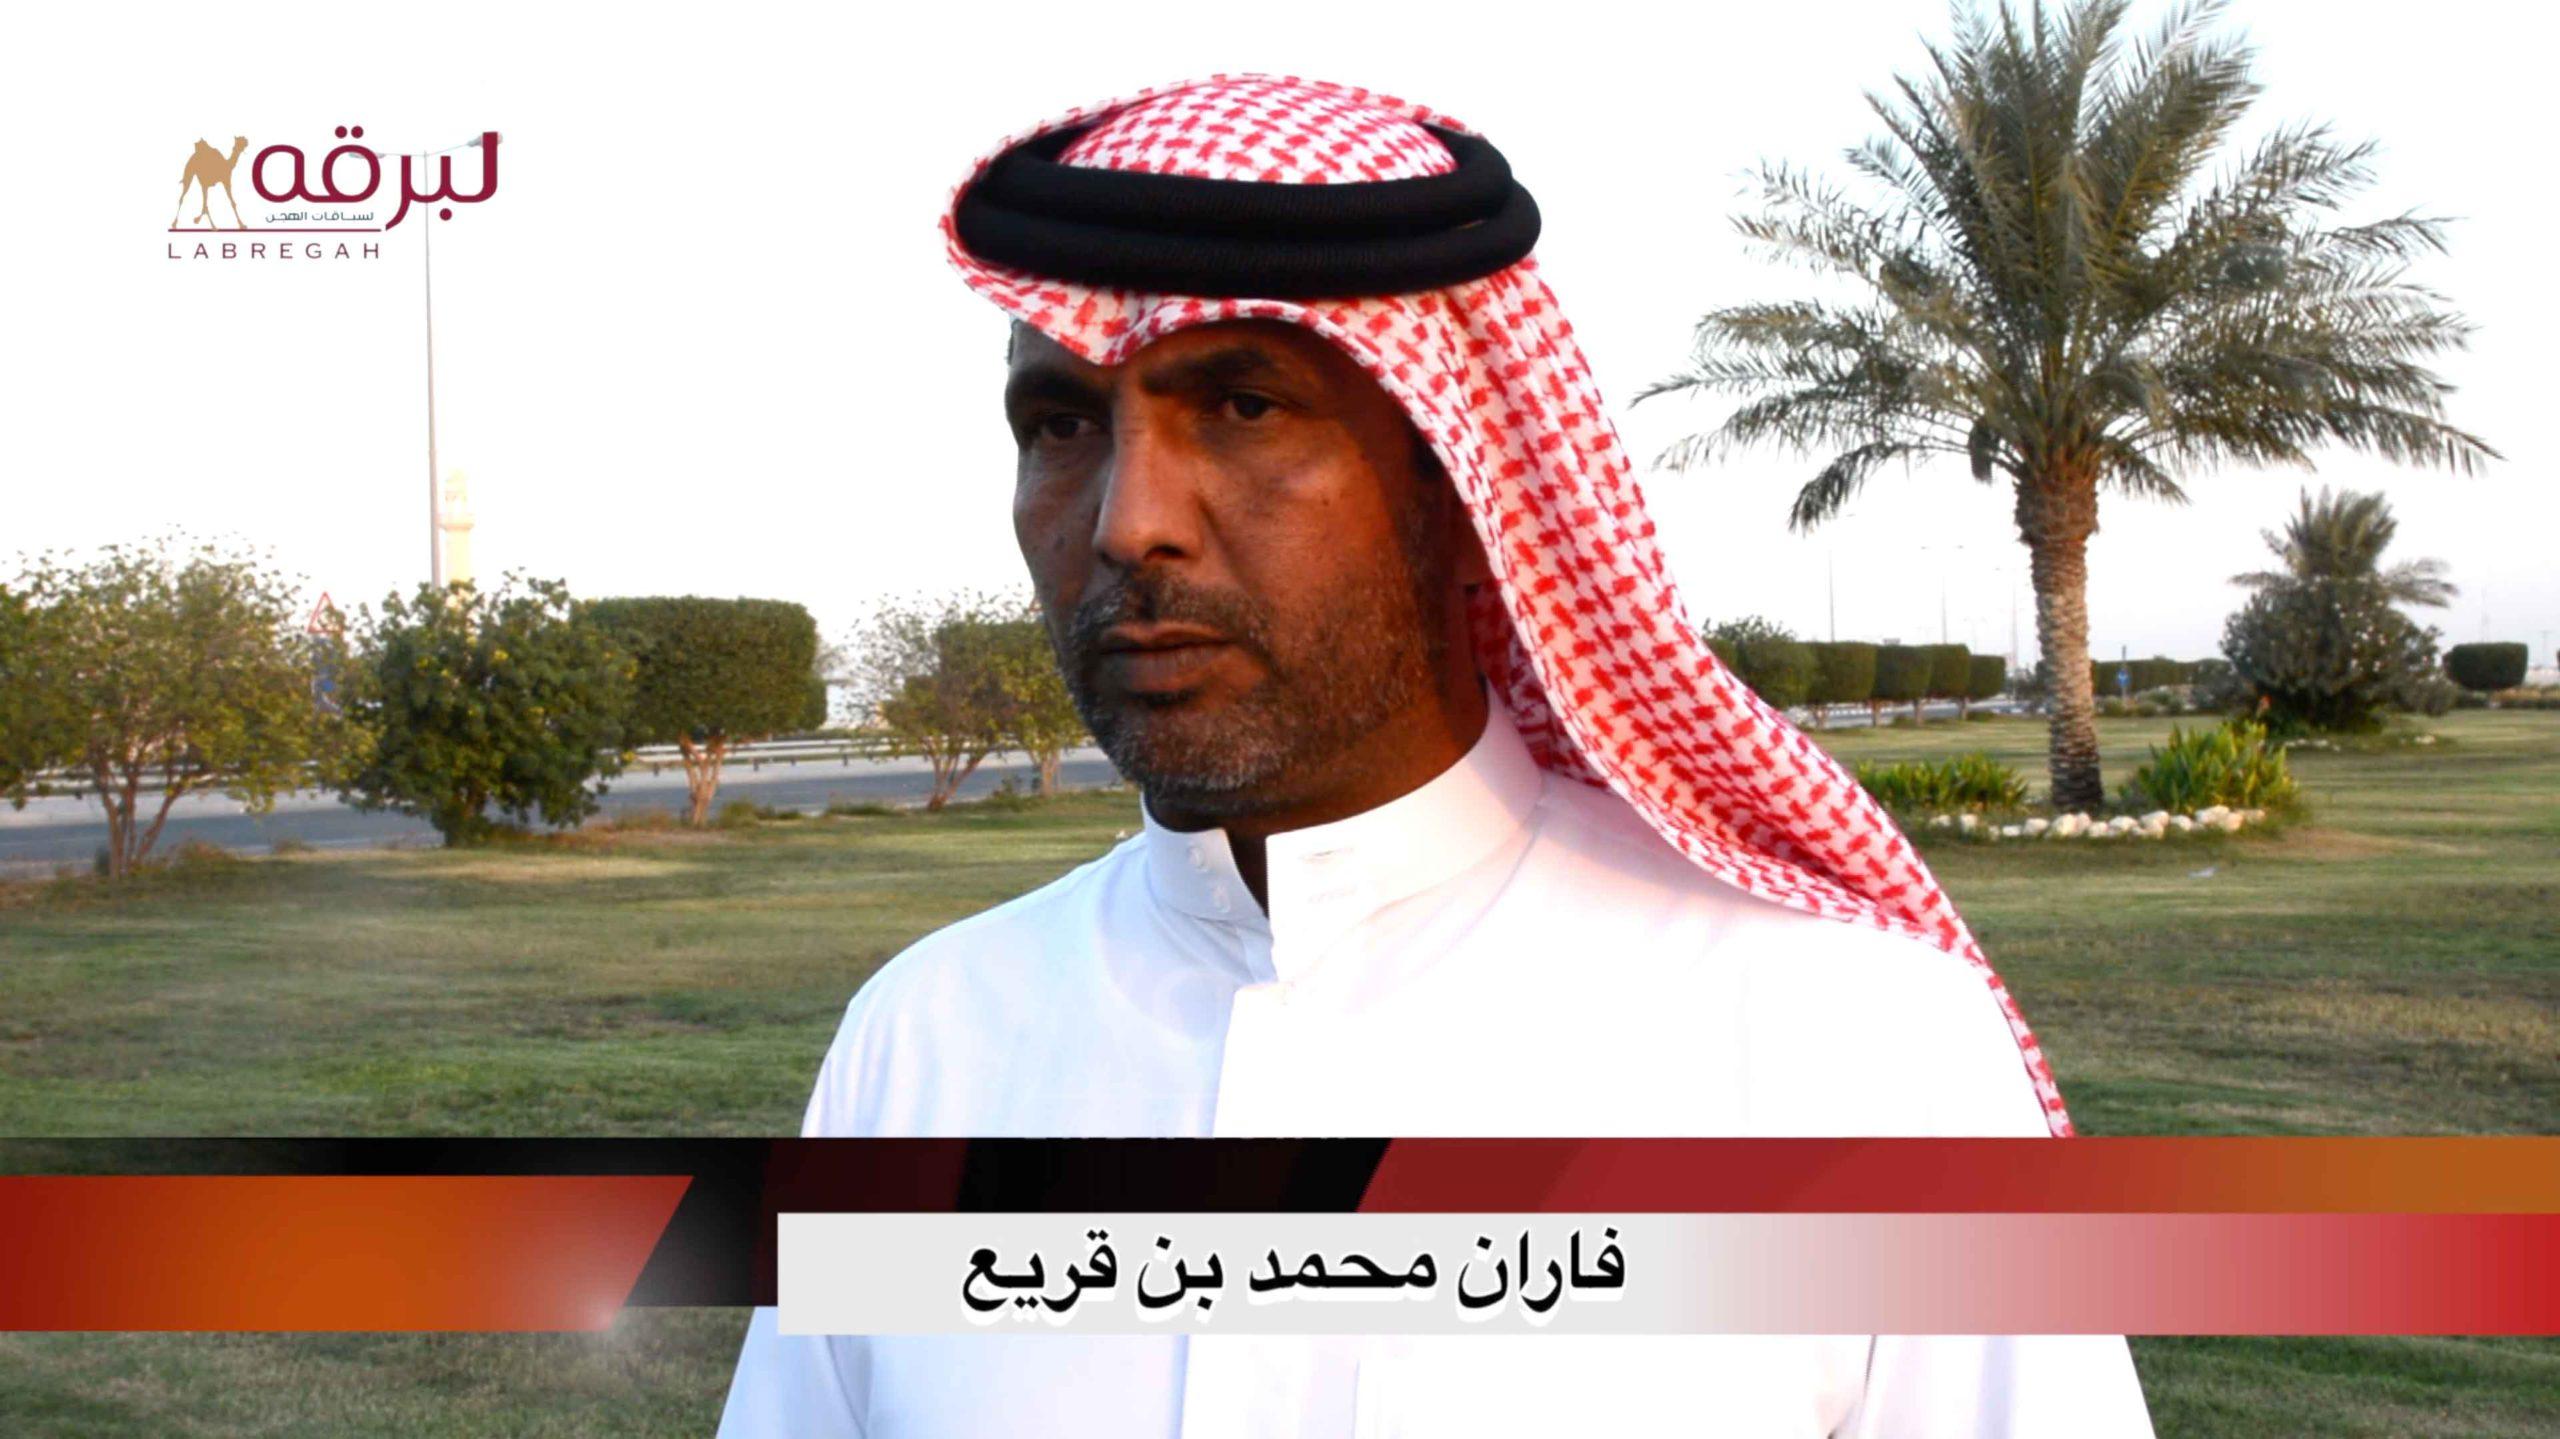 لقاء مع فاران محمد بن قريع الشوط الرئيسي للقايا قعدان إنتاج الأشواط المفتوحة مساء ٢١-١٠-٢٠٢٠